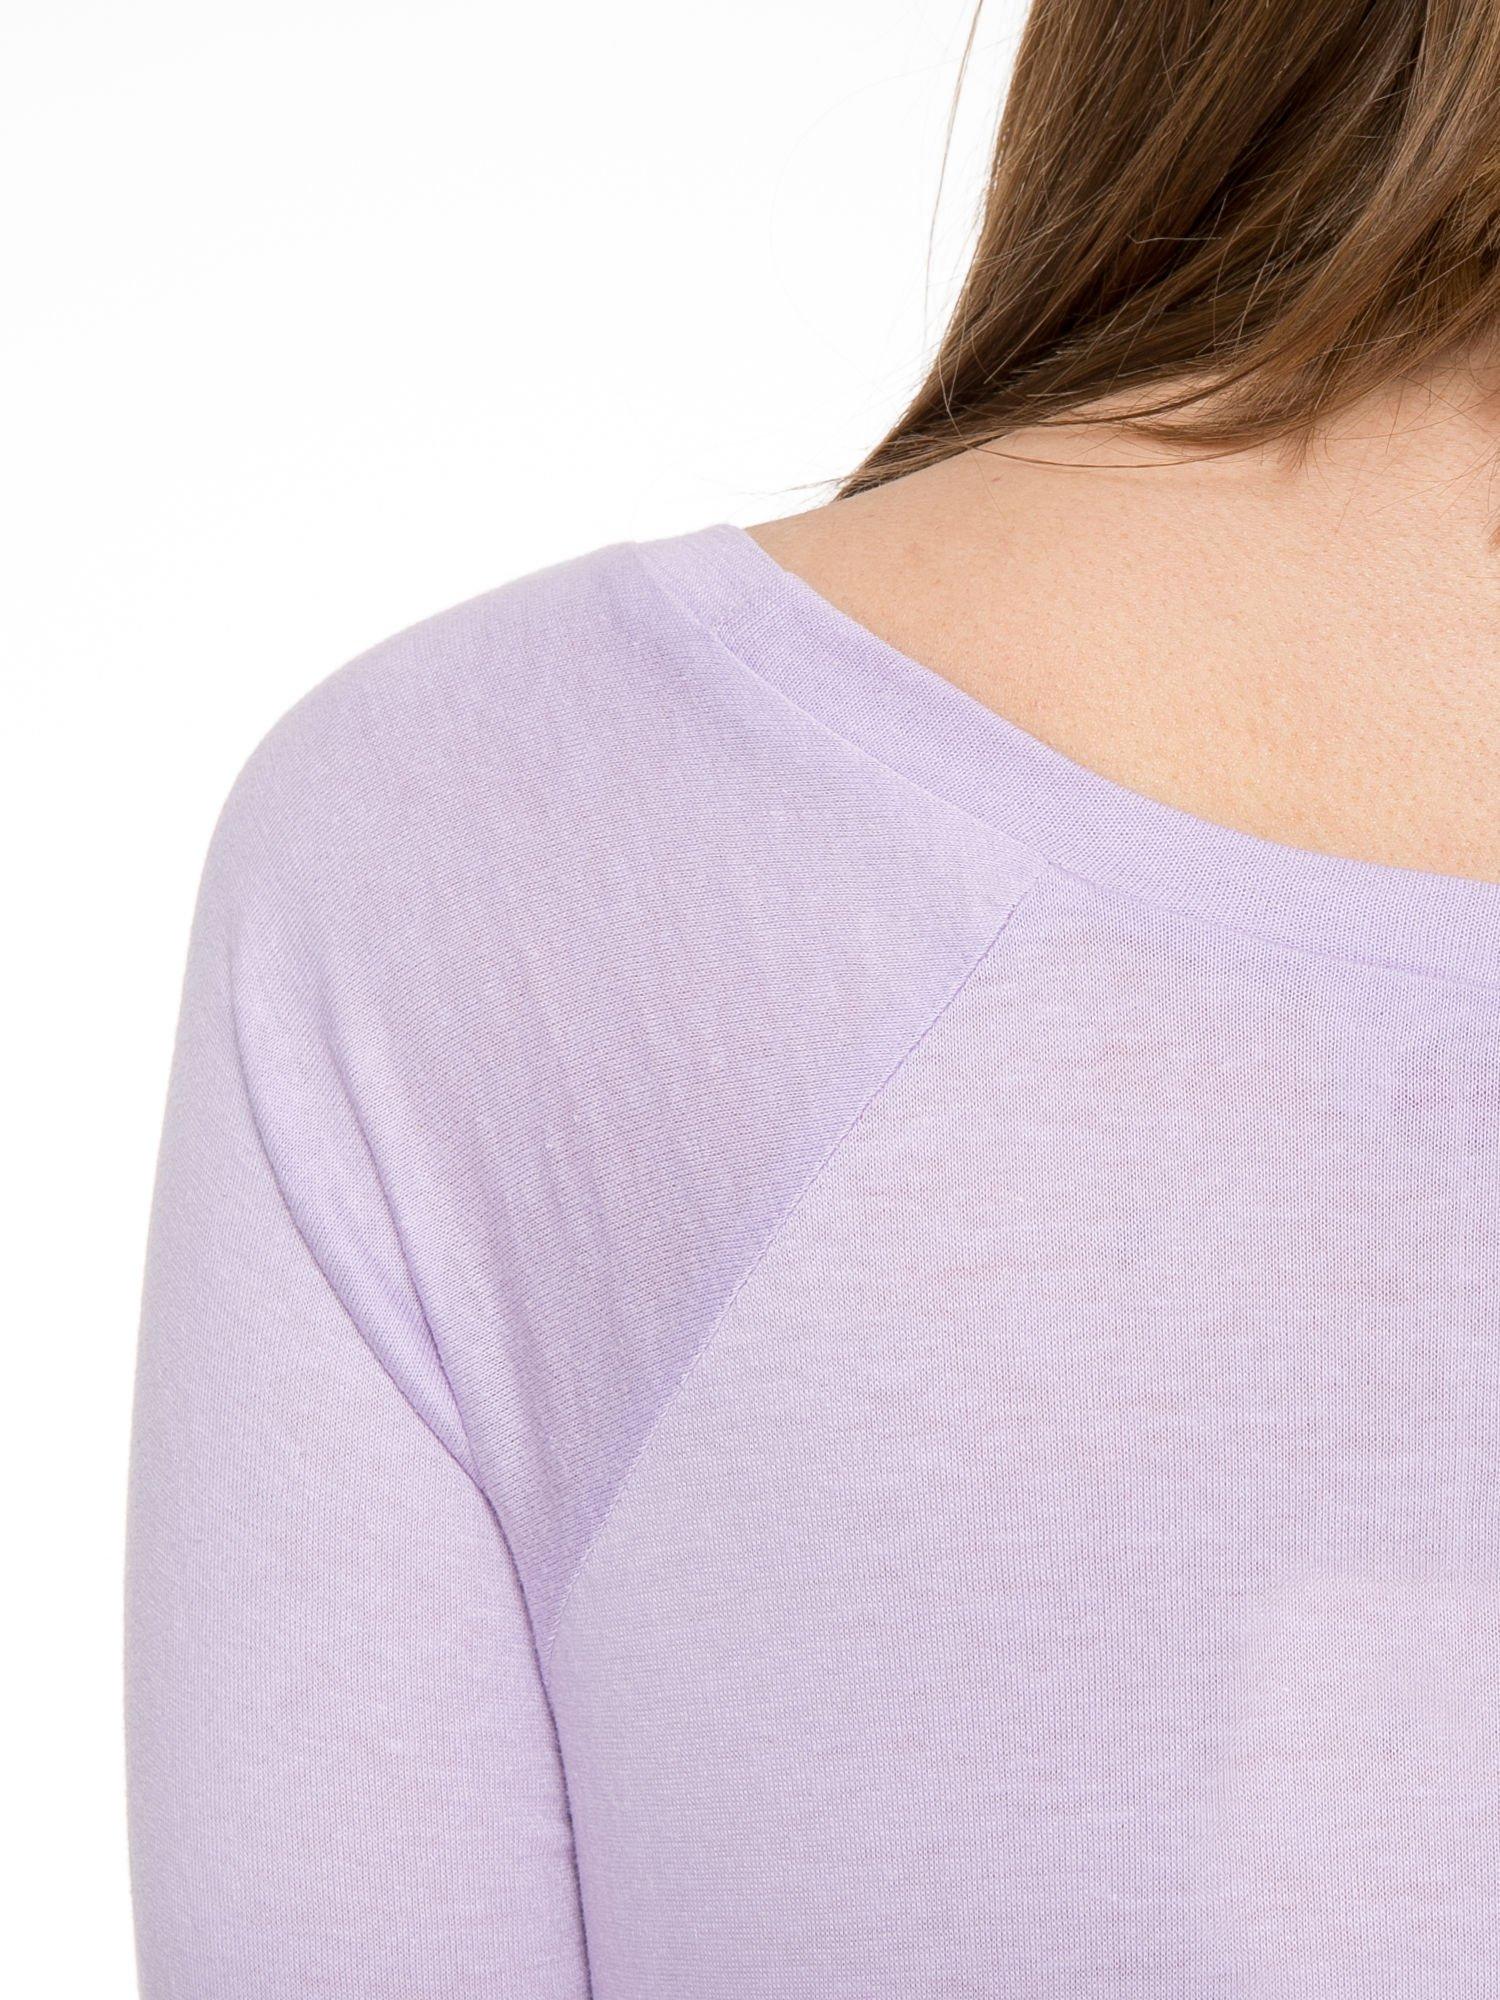 Jasnofioletowa bawełniana bluzka z rękawami typu reglan                                  zdj.                                  7